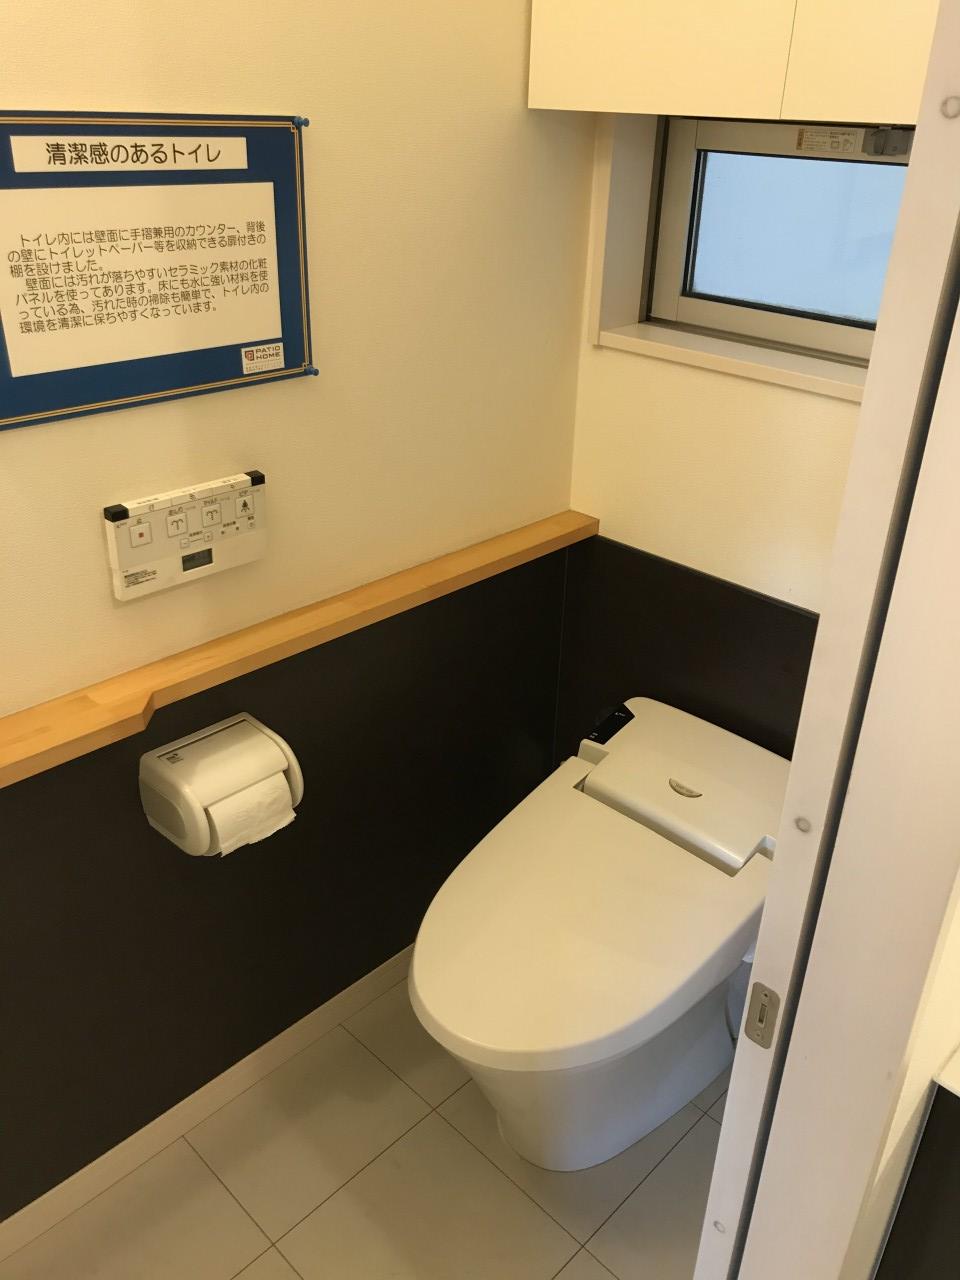 トイレは、建物内にあります。ご自由にお使い下さい。